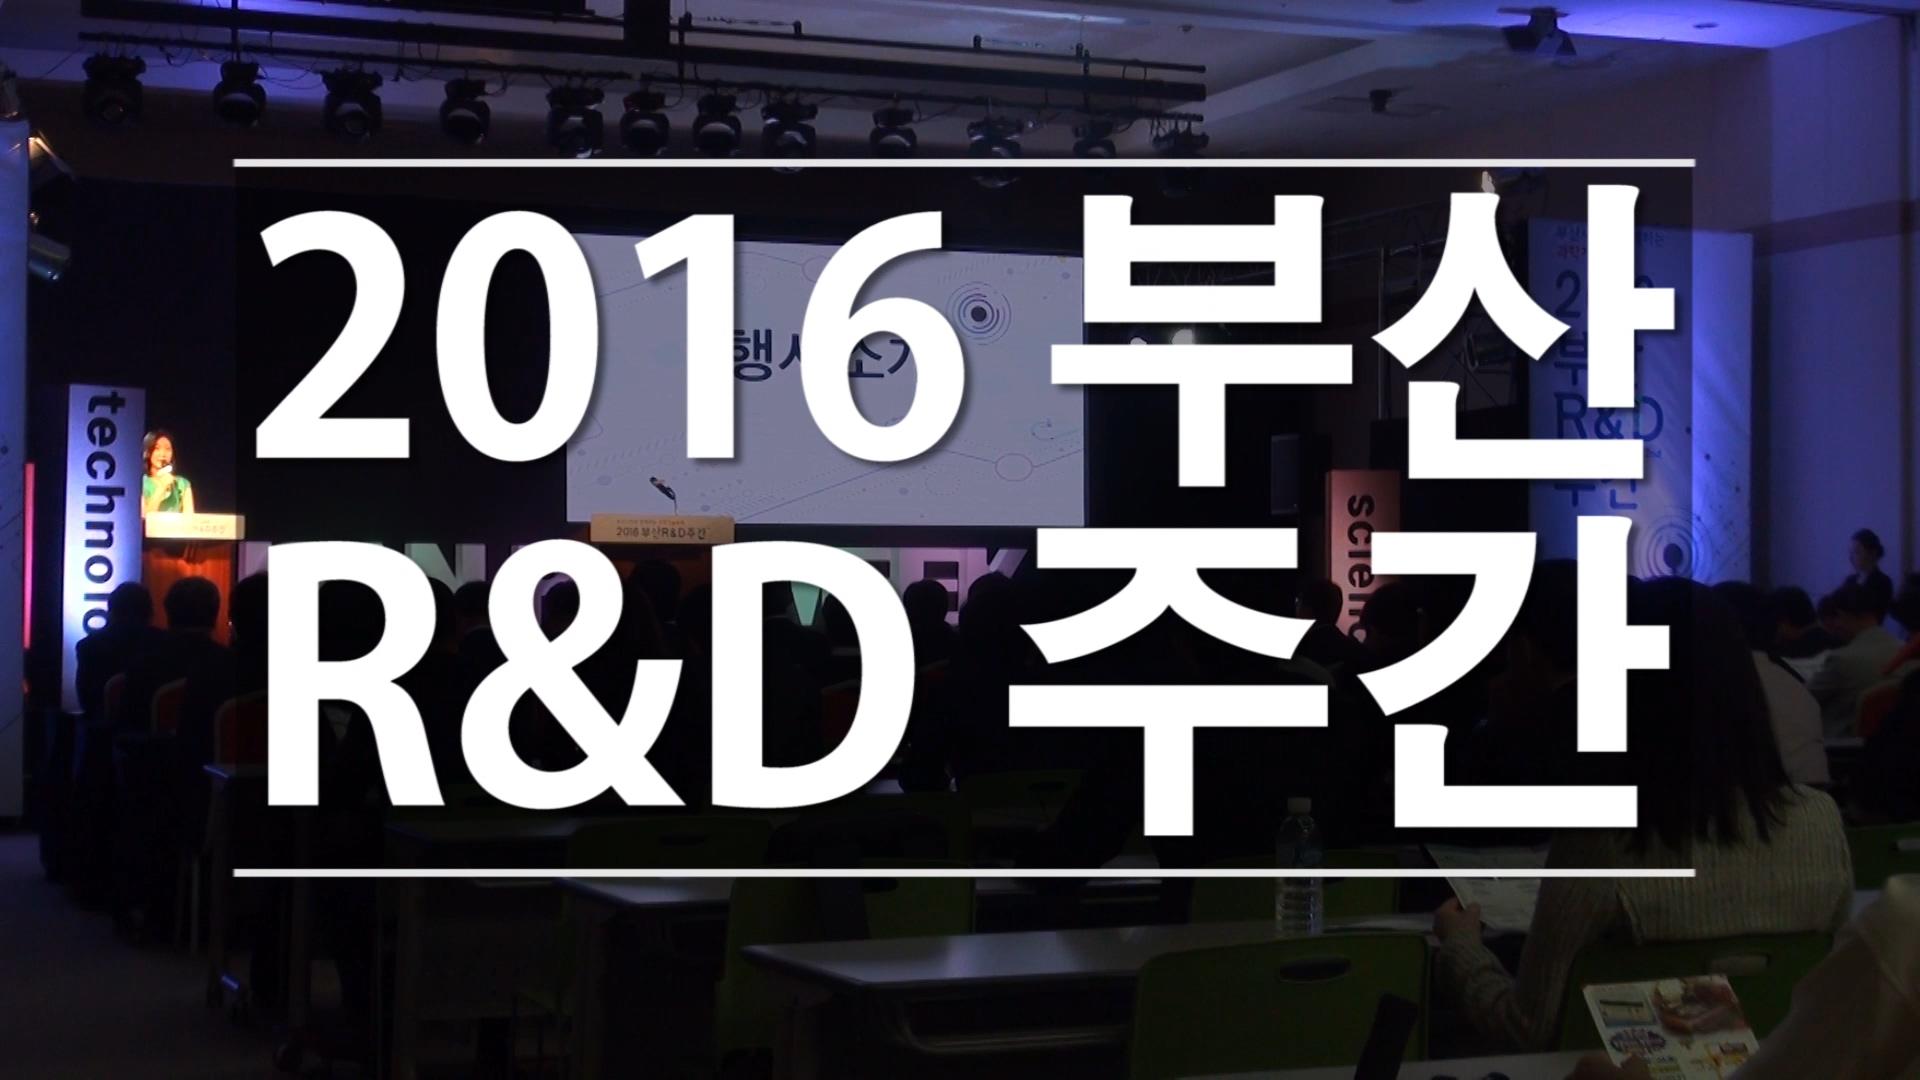 부산R&D주간스케치.mp4_20161114_151023.188.jpg